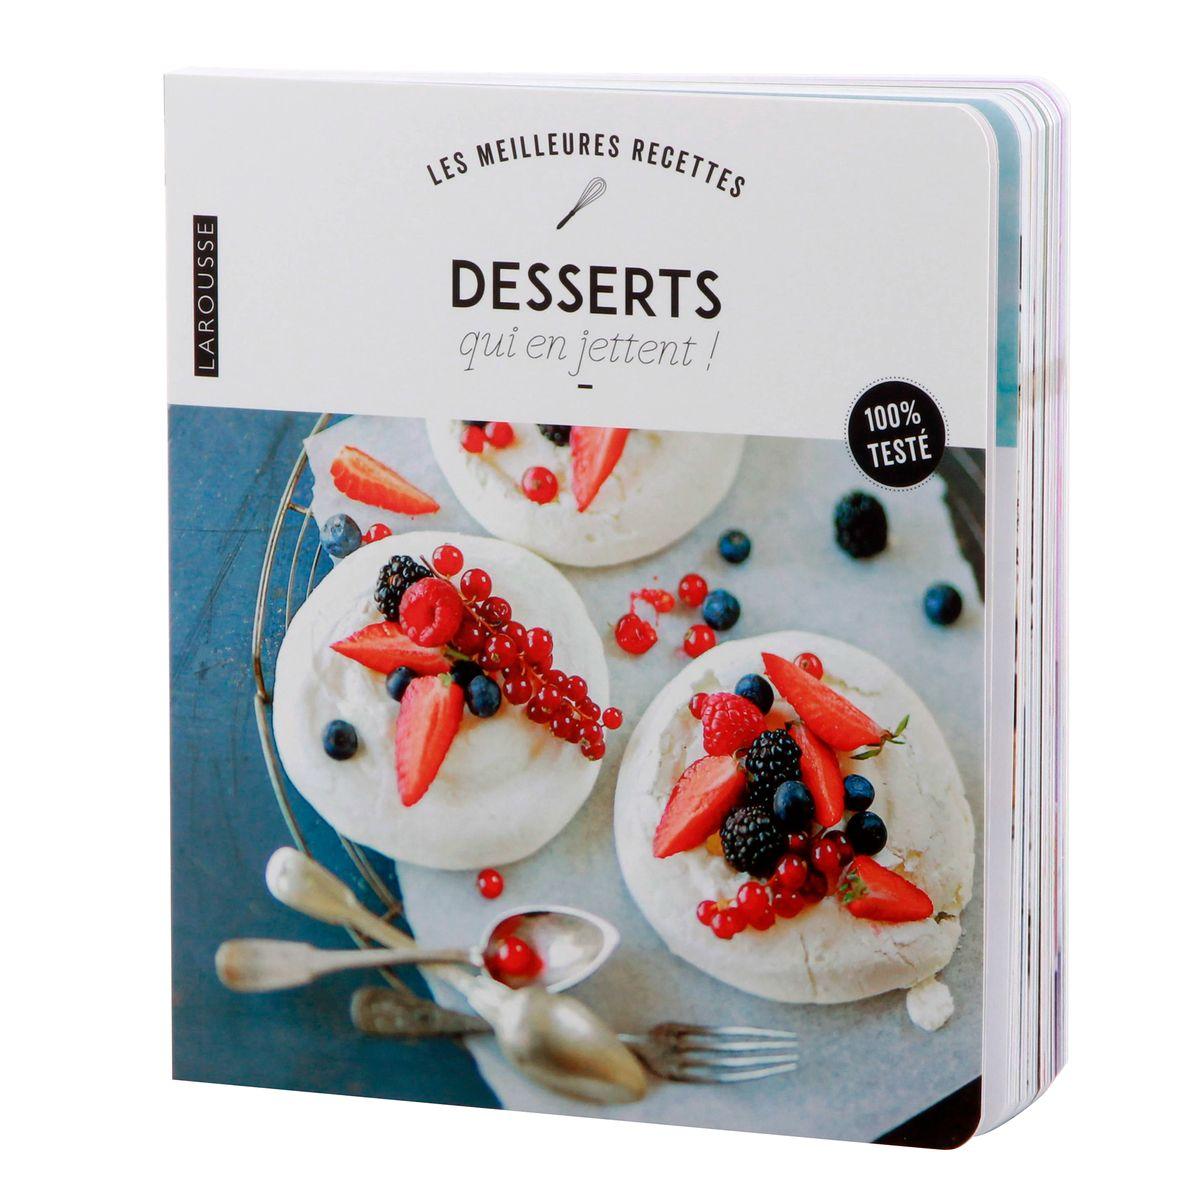 Des desserts qui en jettent - Larousse